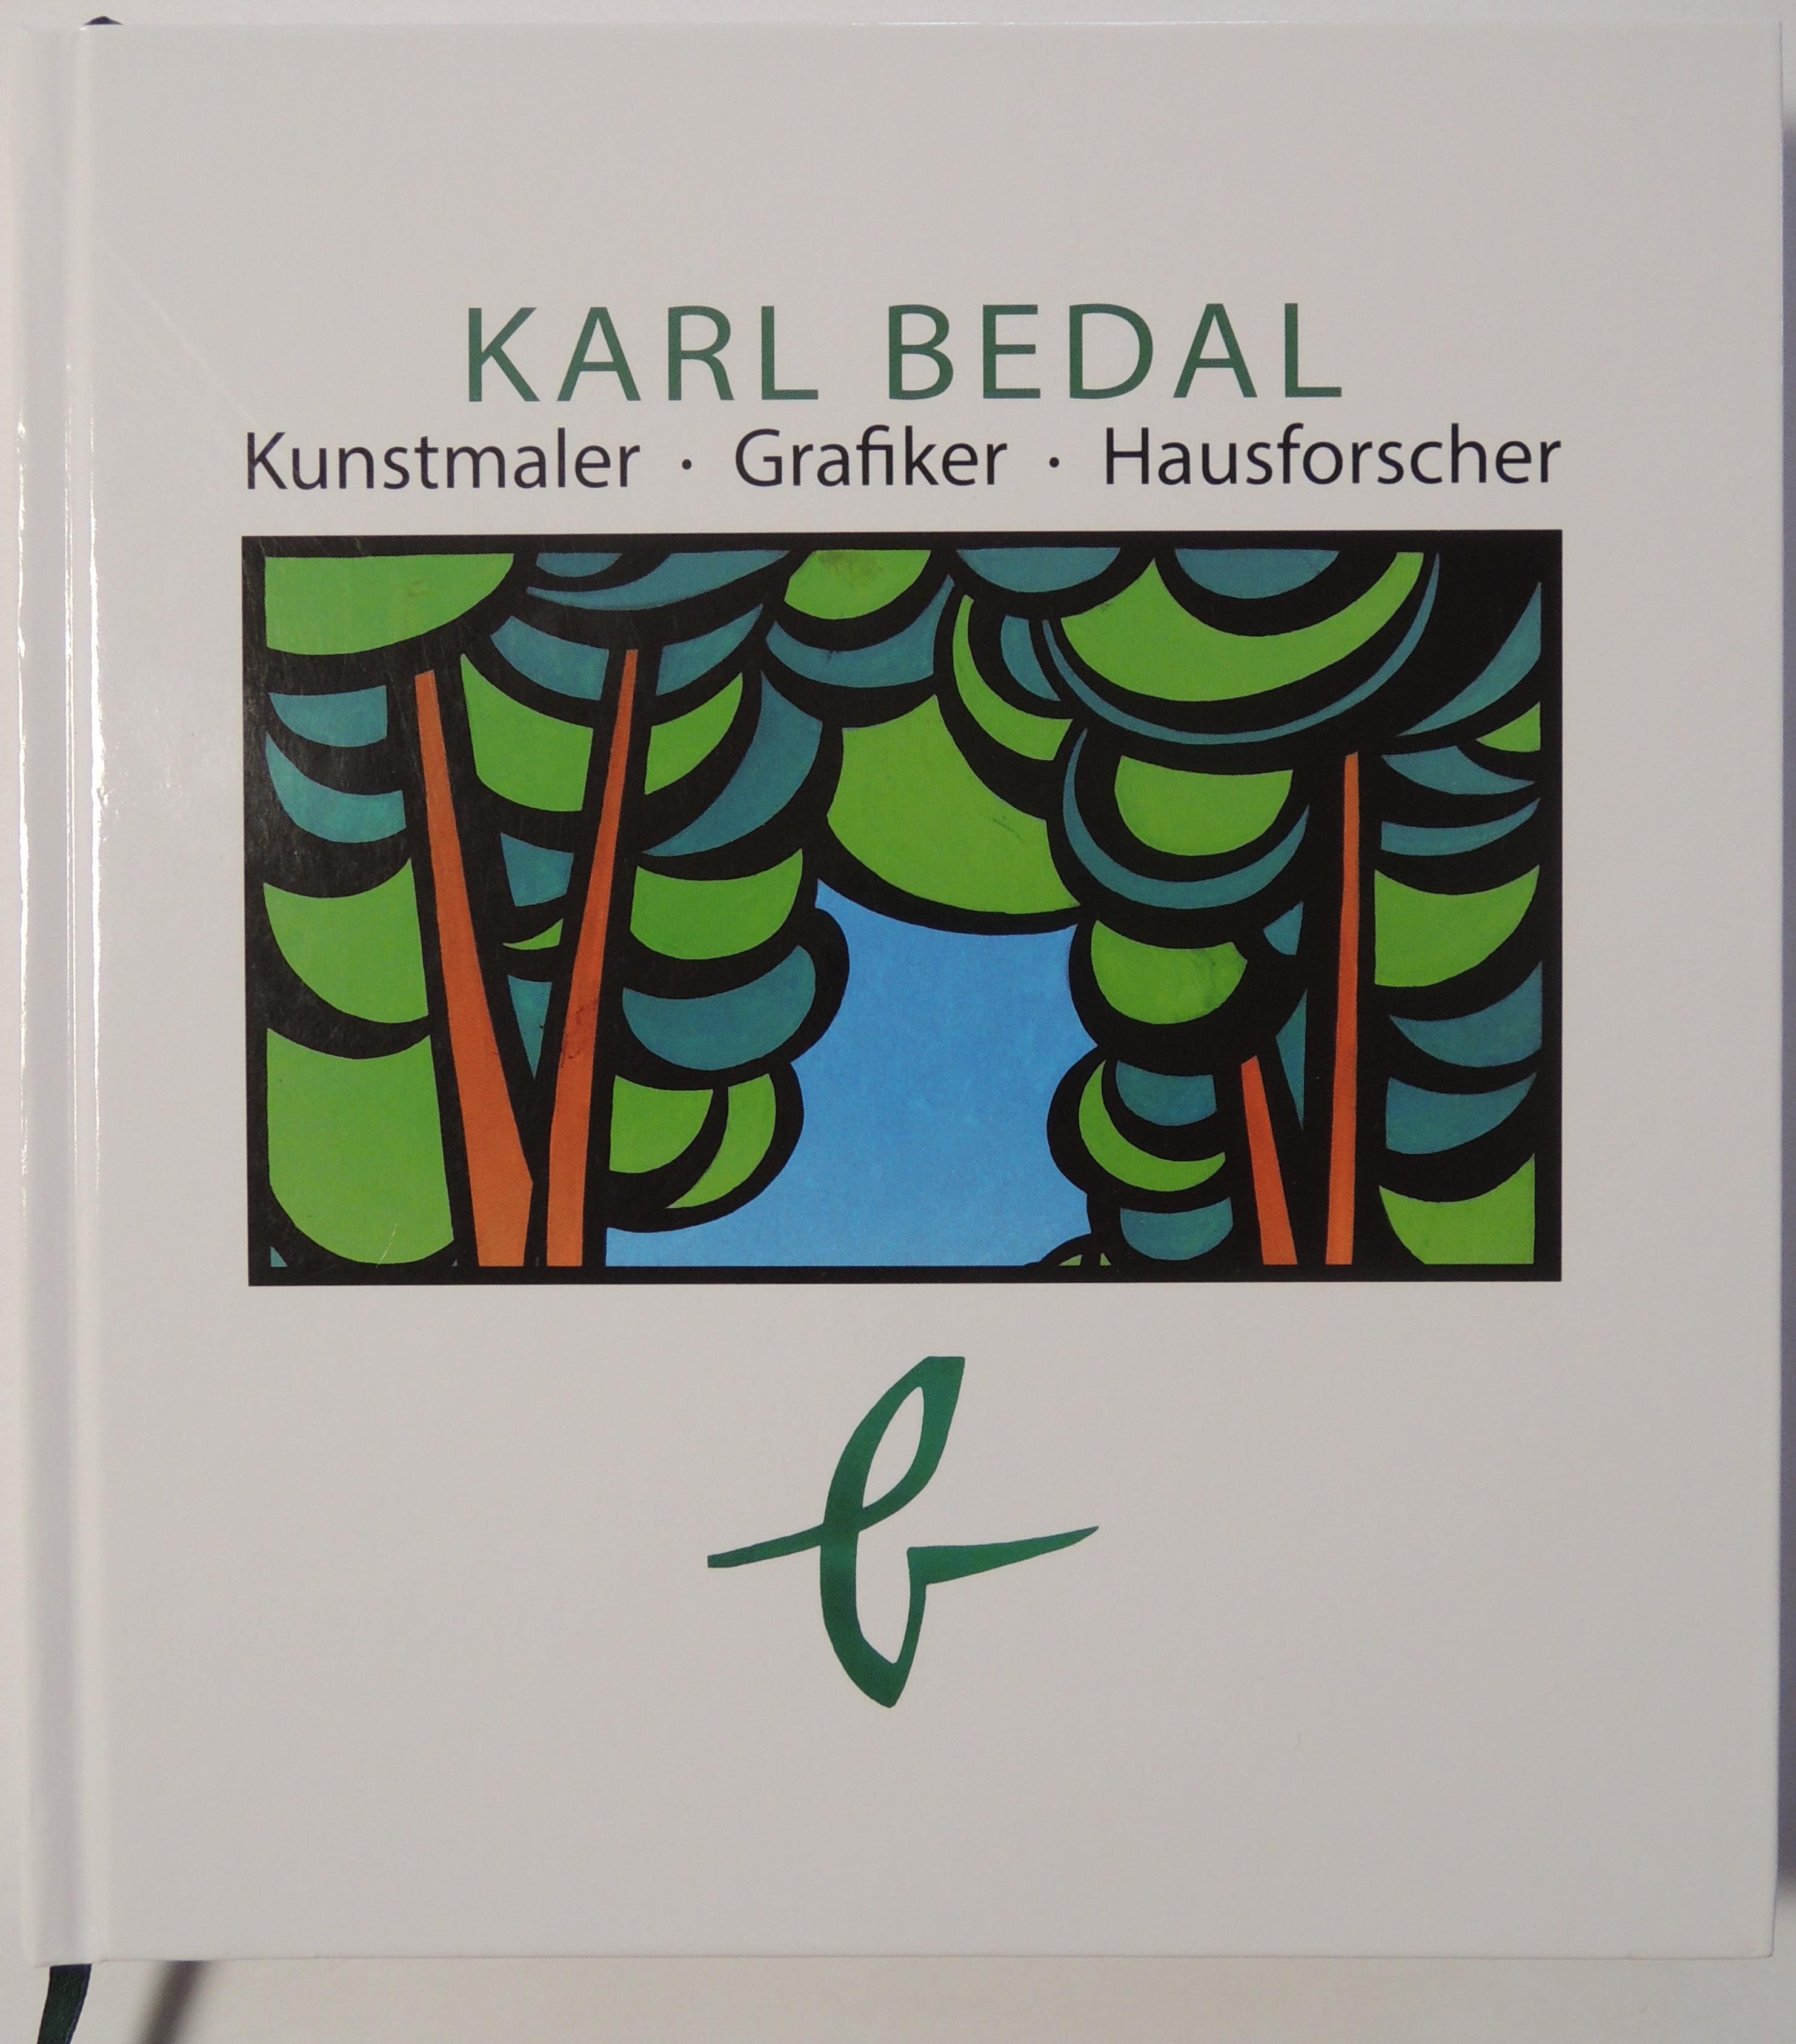 Karl Bedal – Das Buch zum Jubiläum als Weihnachtsgeschenk | Kleinlosnitz